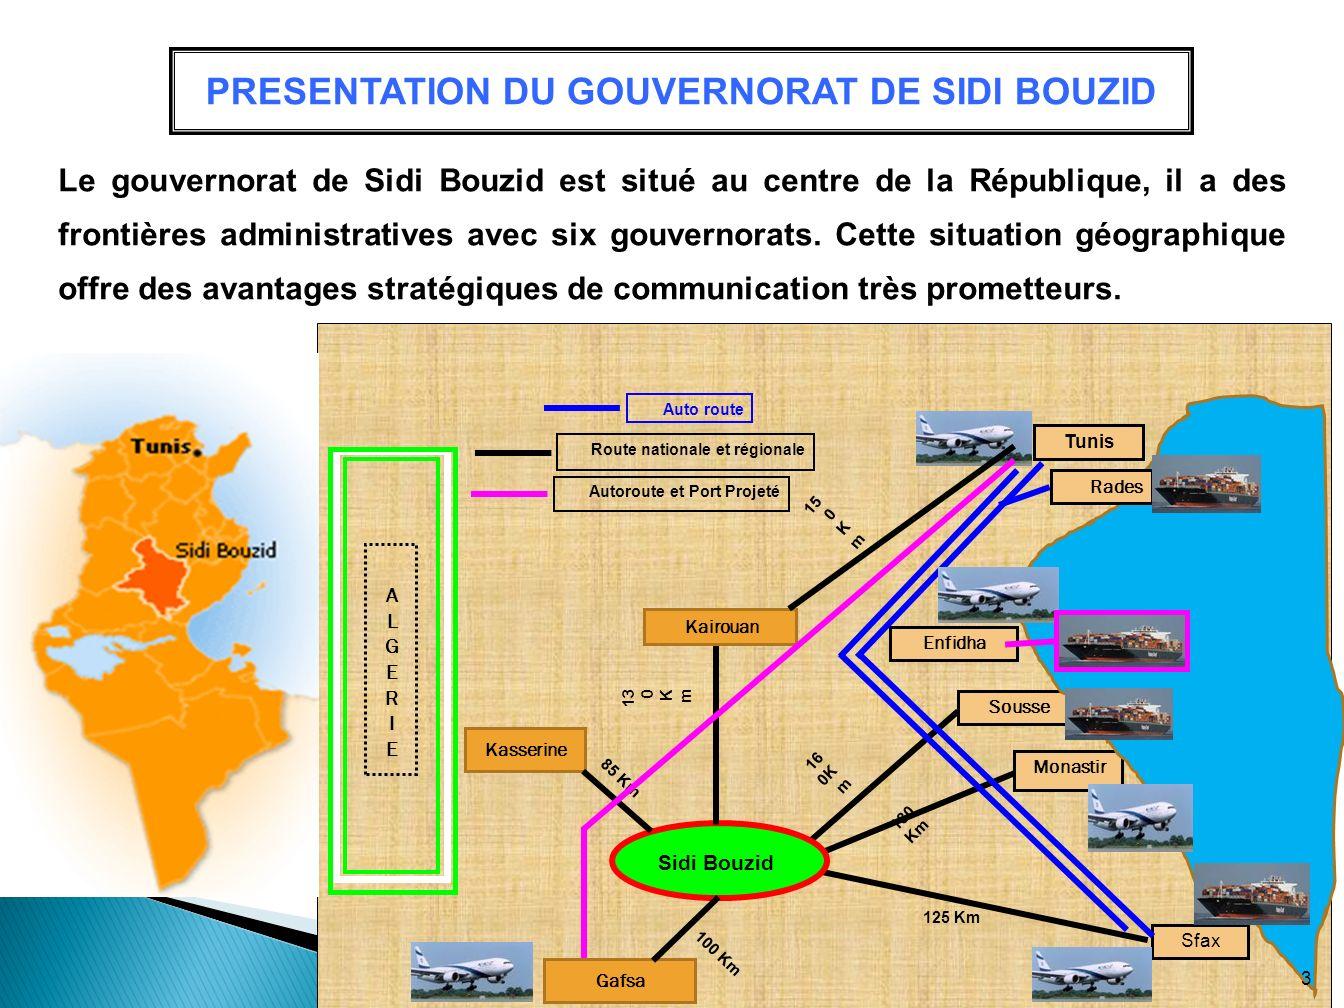 PRESENTATION DU GOUVERNORAT DE SIDI BOUZID Le gouvernorat de Sidi Bouzid est situé au centre de la République, il a des frontières administratives ave